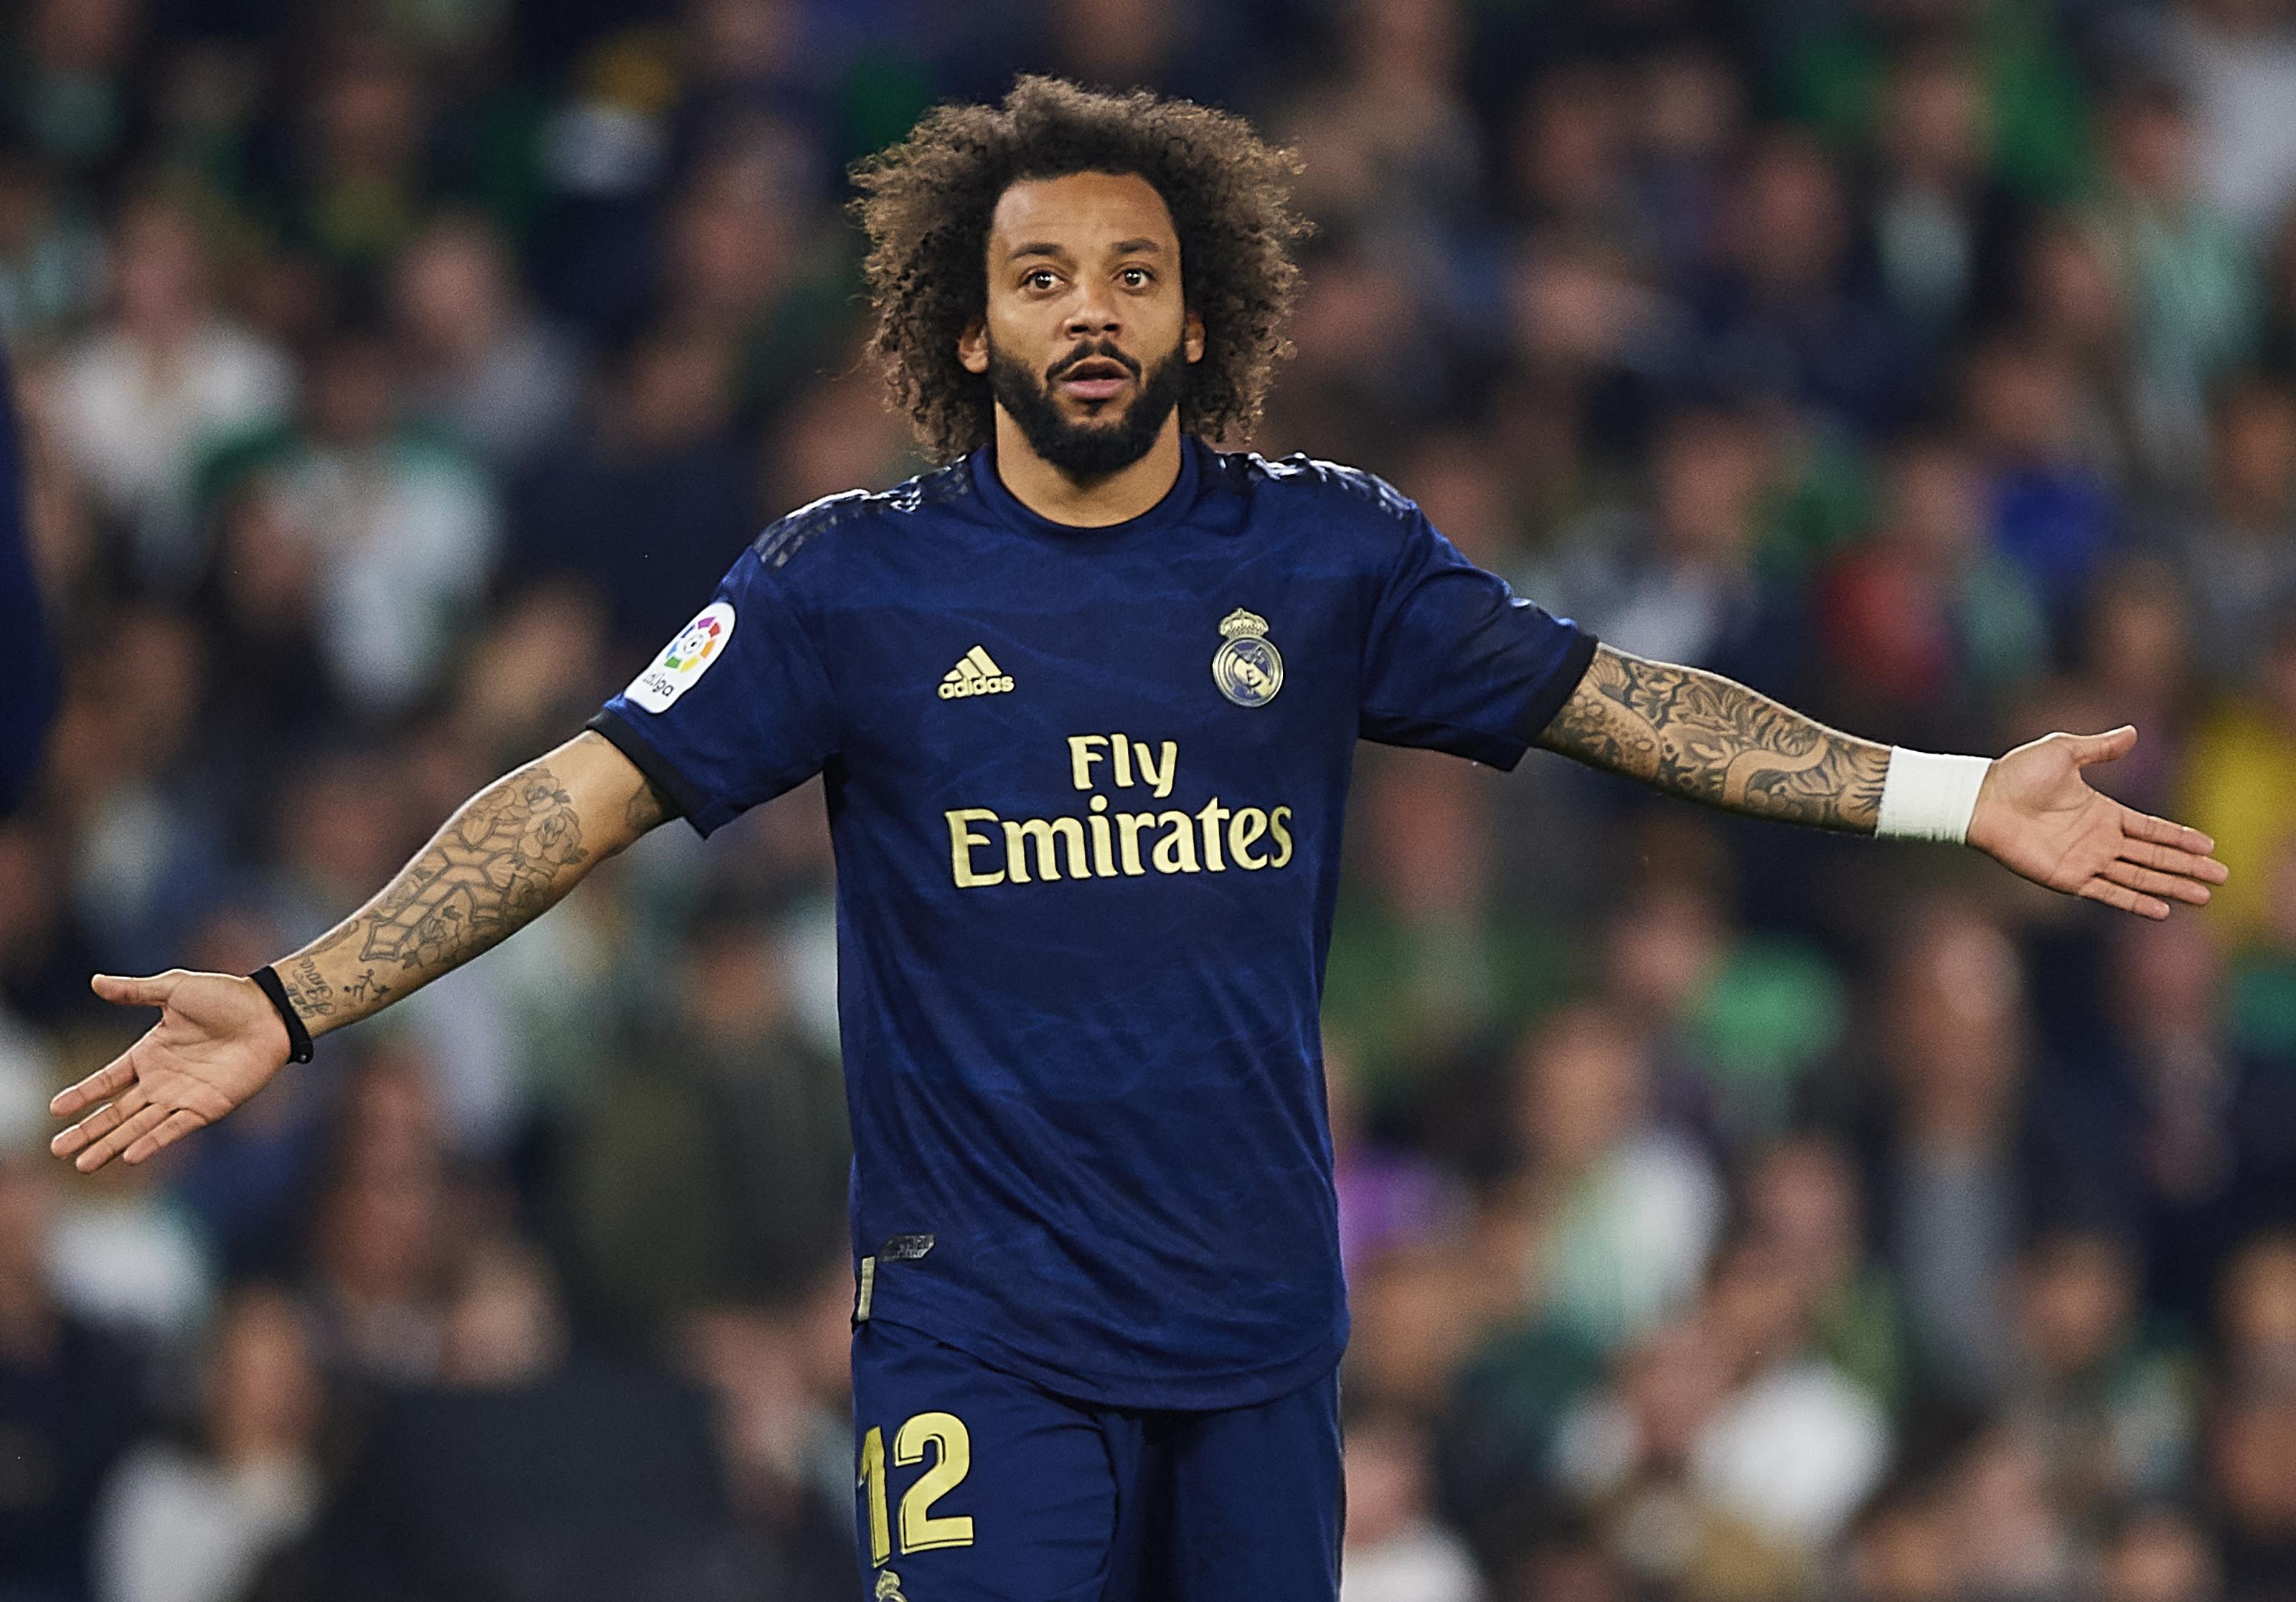 Zkusí se Marcelo v pokročilém věku adaptovat na Premier League?